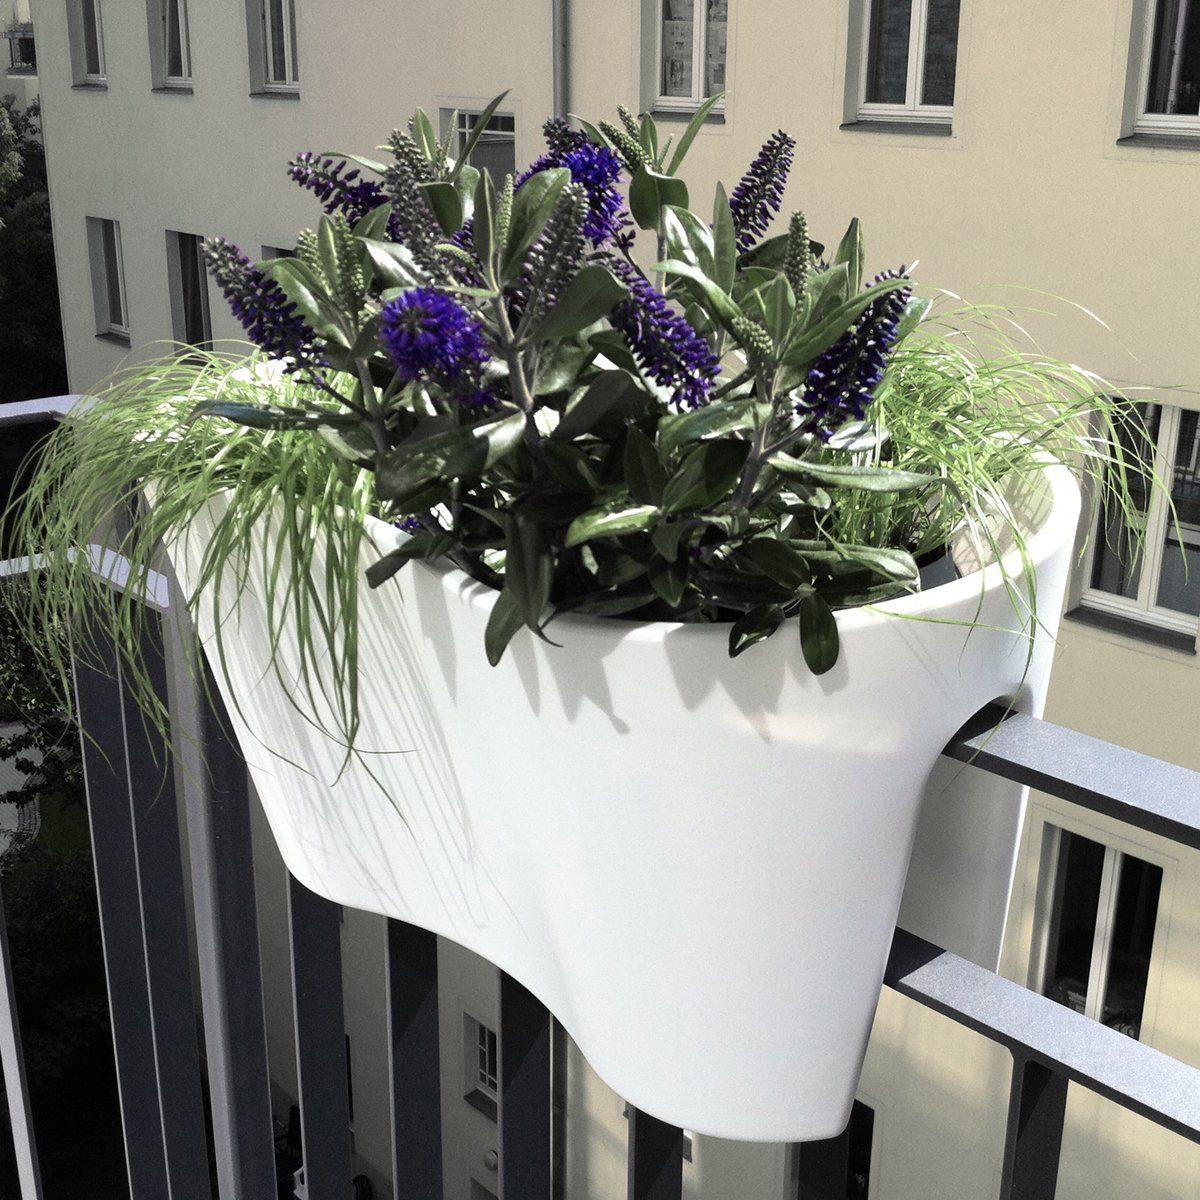 REPHORM rephorm Blumenkasten STECKLING DUO weiß